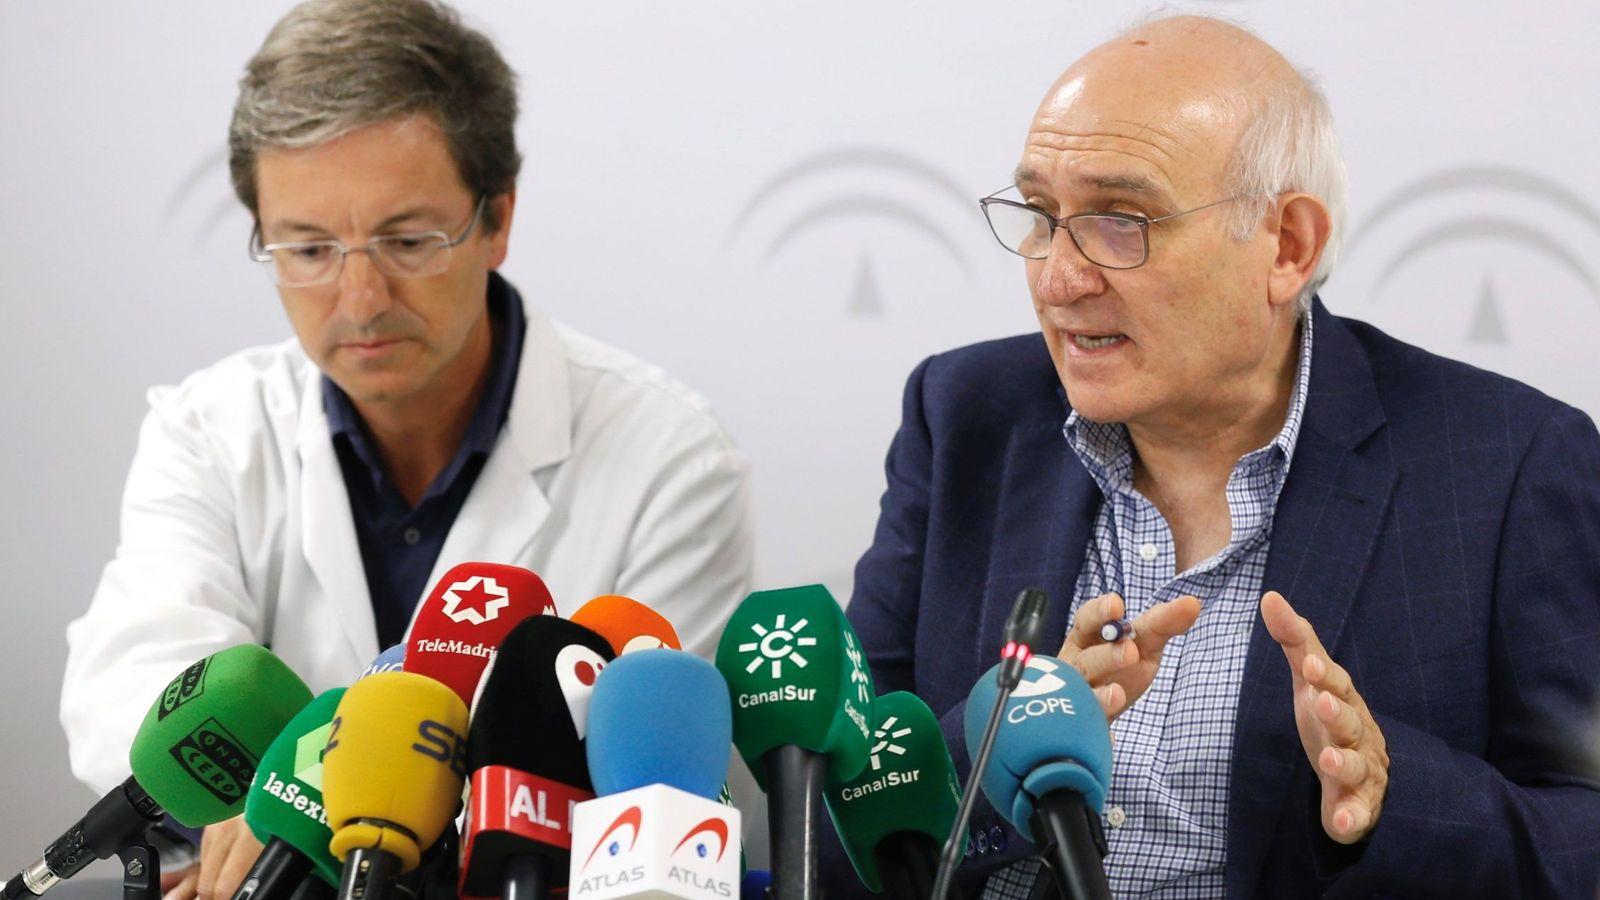 Foto: El subdirector de Protección de la Salud de la Junta de Andalucía, Jesús Peinado (d) , acompañado del portavoz de la Junta para este brote de listerioris, el doctor José Miguel Cisneros. (EFE)